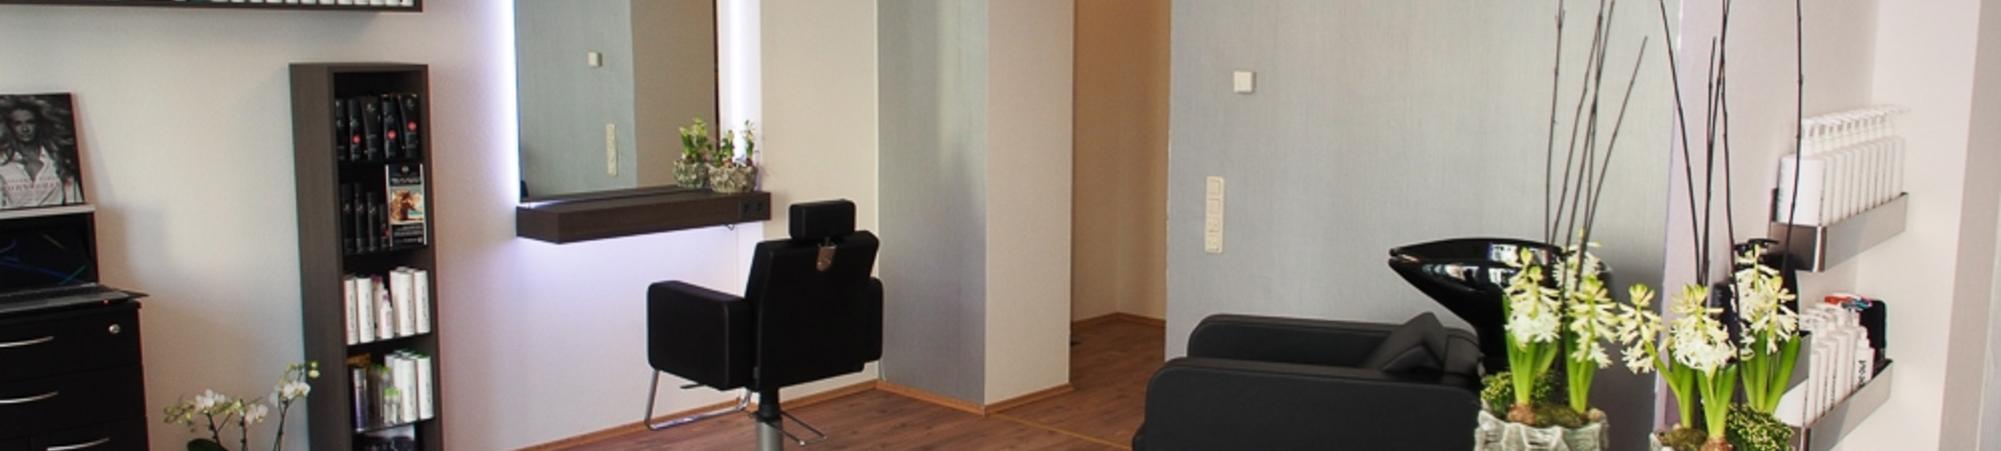 Tischlerei In Berlin möbelbau in berlin schöneberg möbel für privat und gewerbe